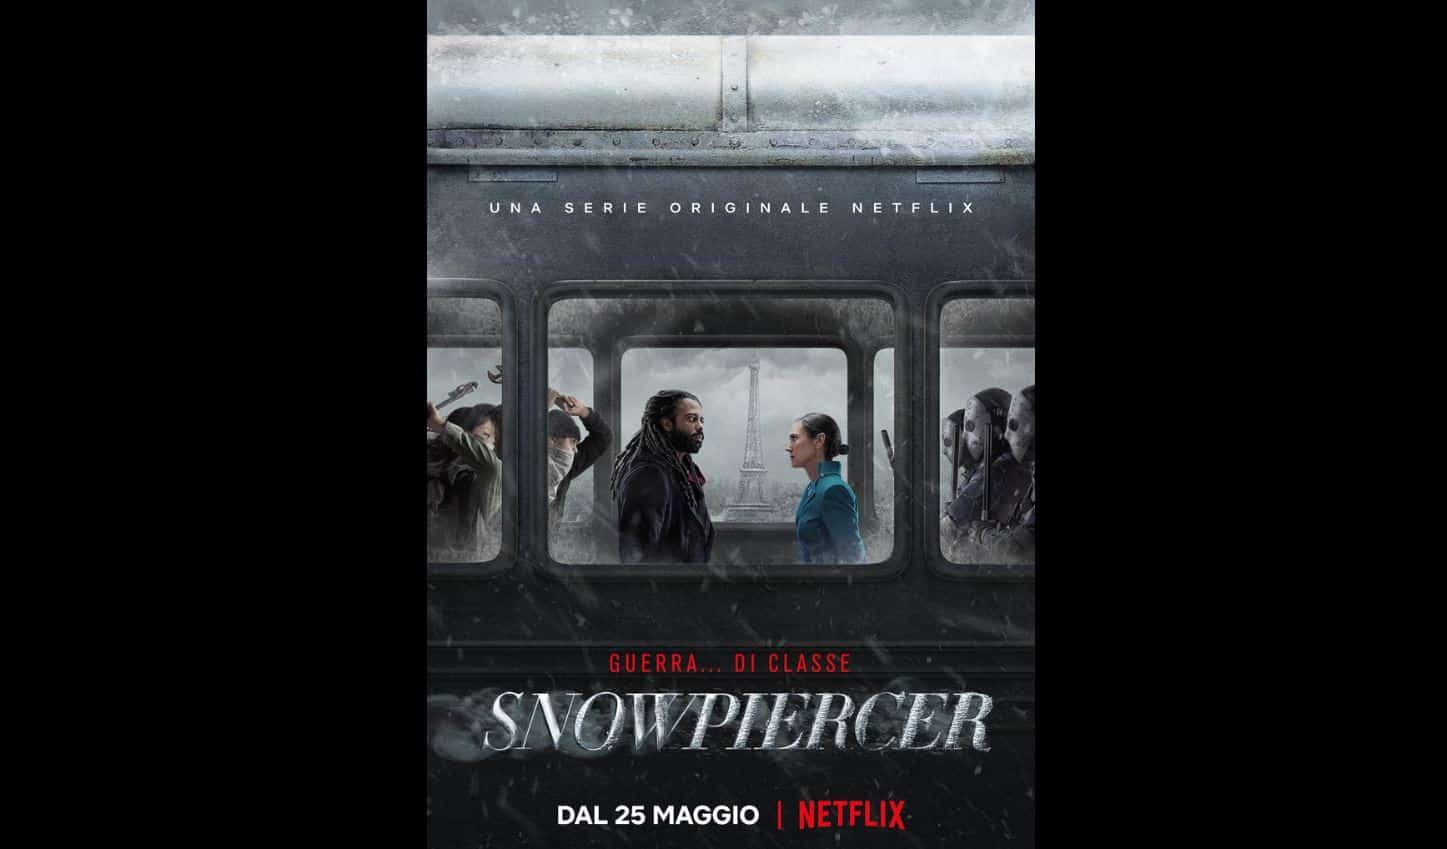 Snowpiercer arriva su Netflix: tutto quello che c'è da sapere sulla serie